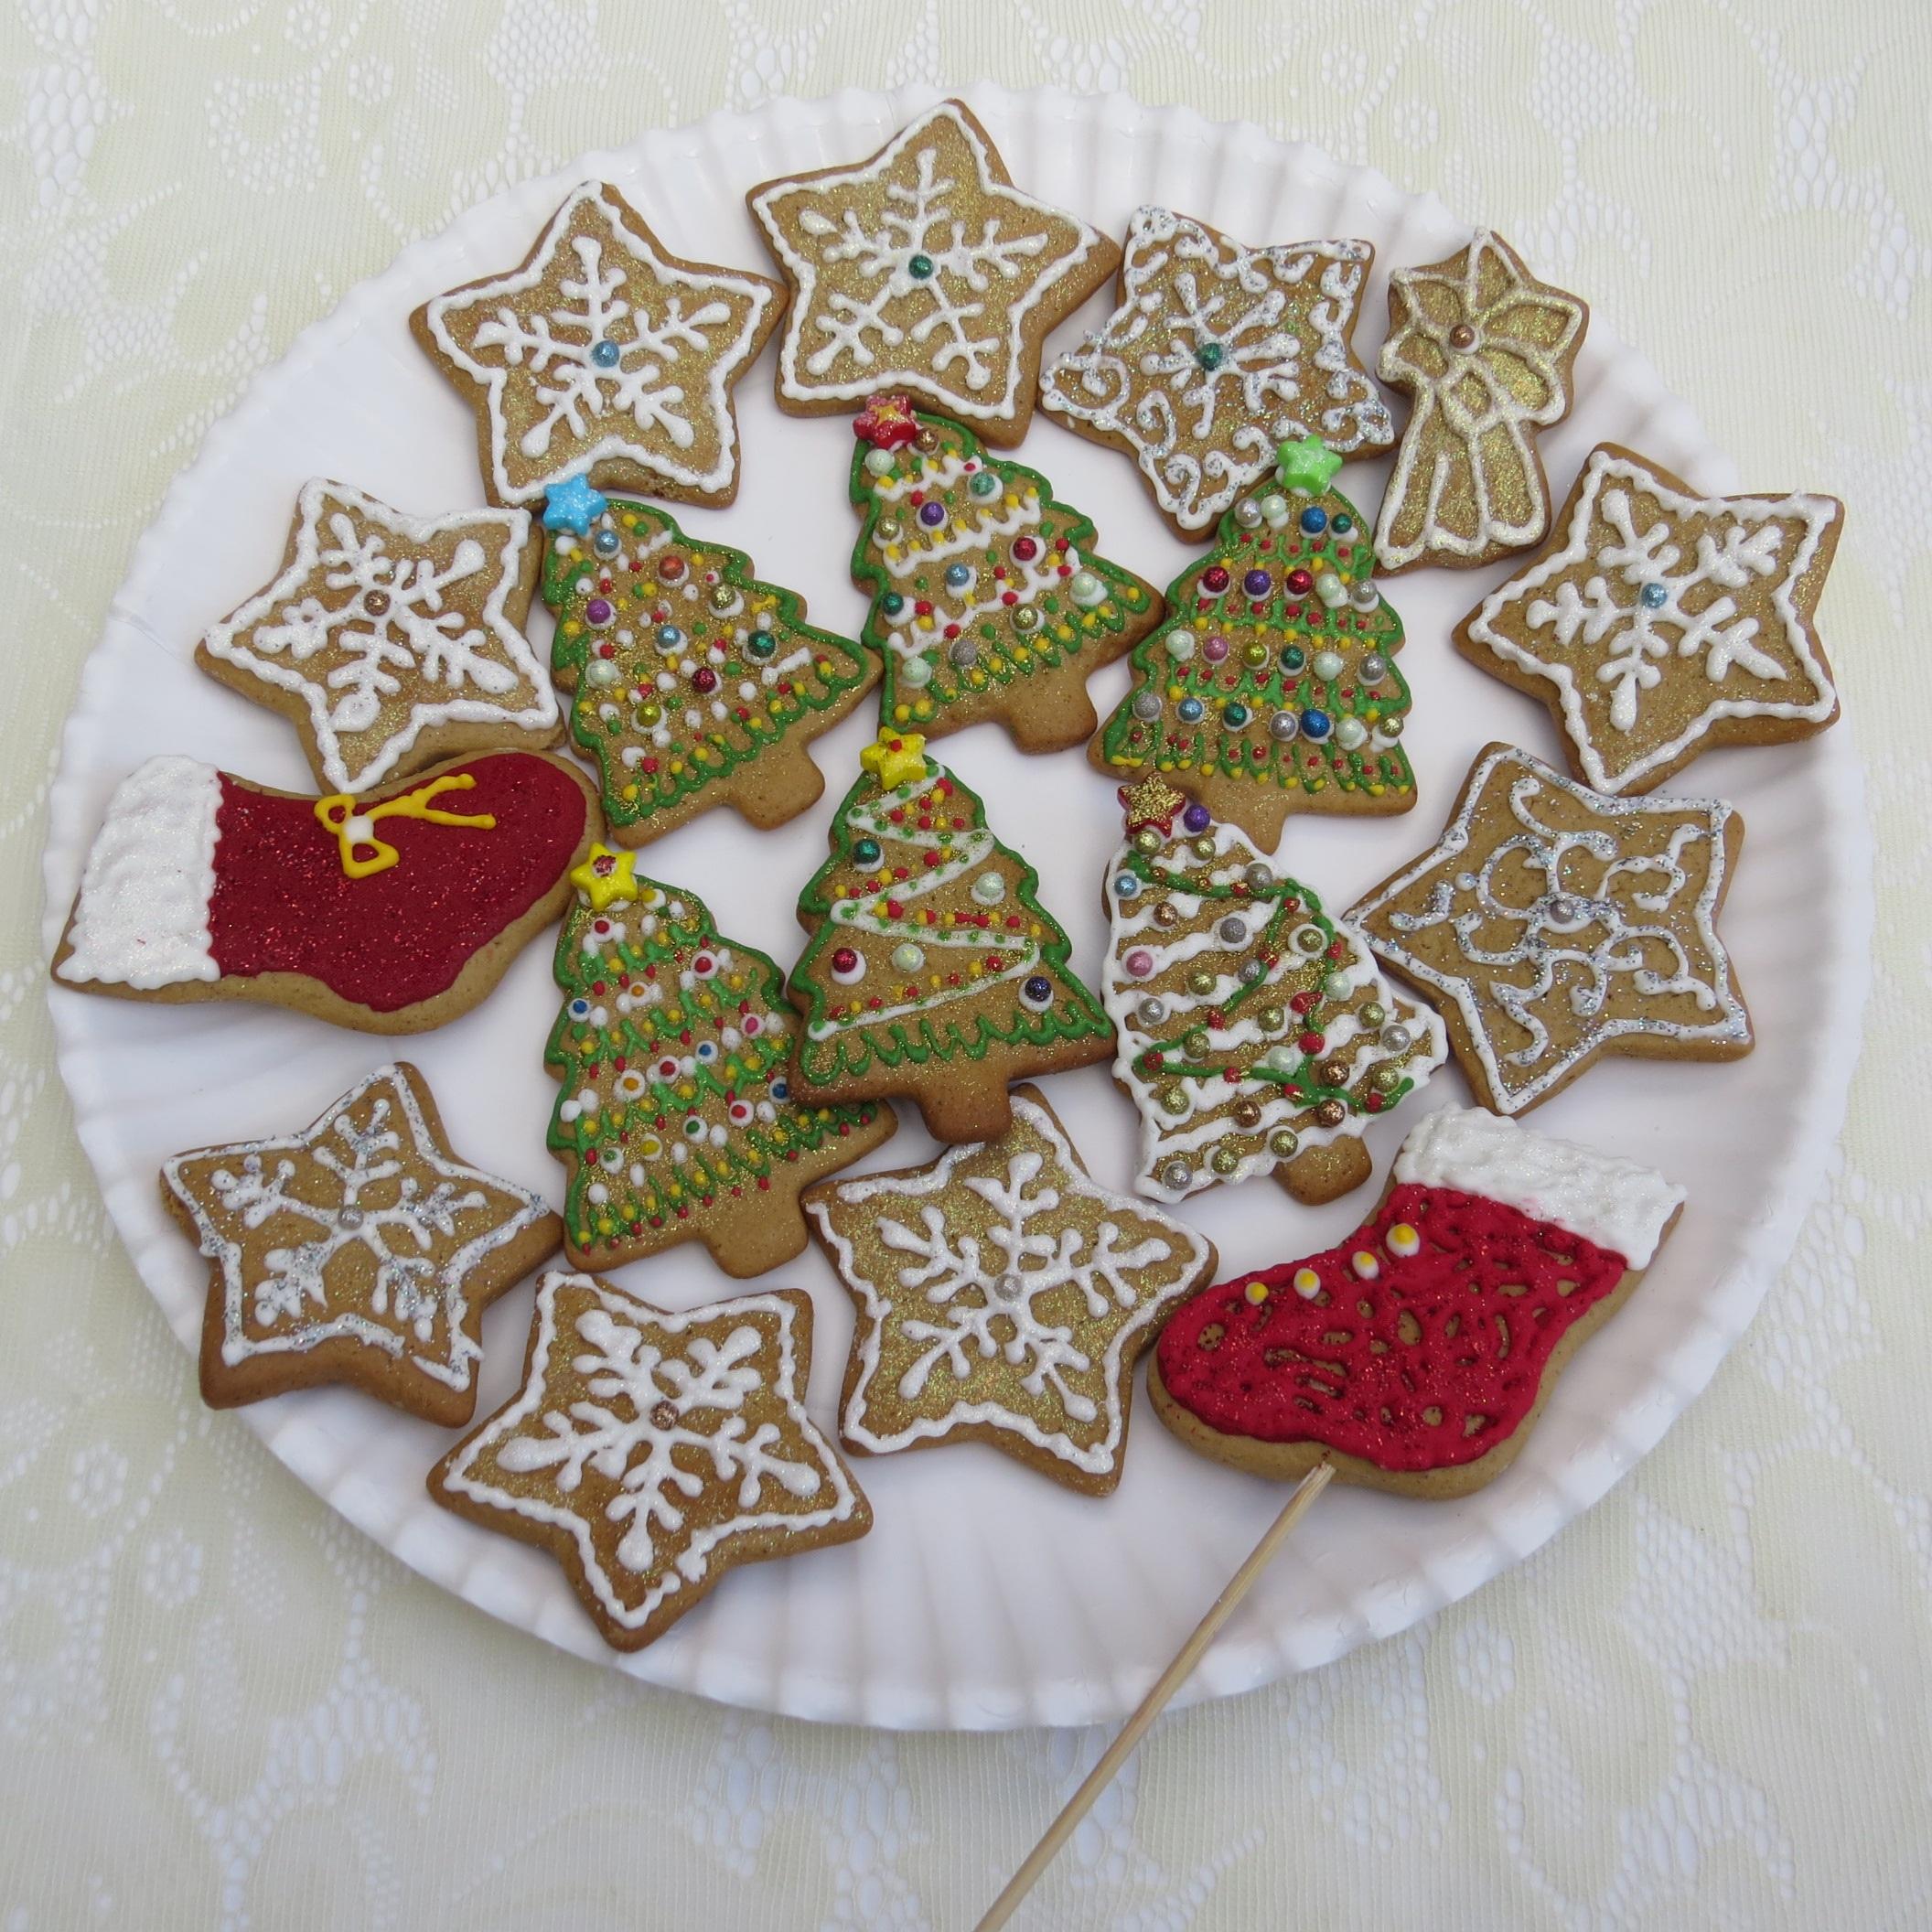 postre joyera art colores formacin de hielo organo pan de jengibre fiestas alegre accesorio de moda bocadillos pasteles de navidad